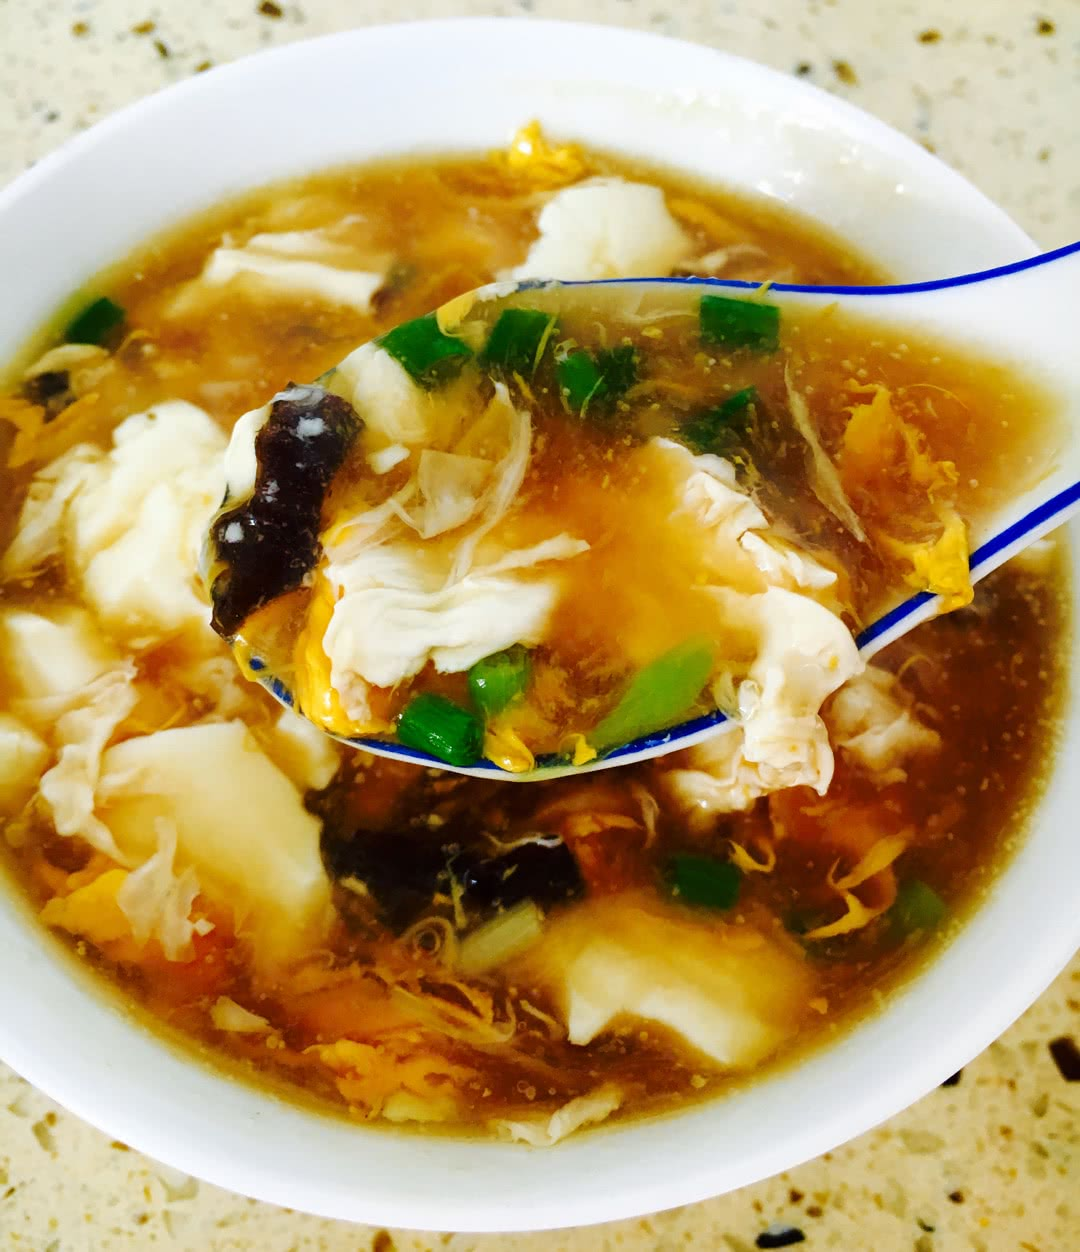 (家庭自制)豆腐腦的做法_【圖解】(家庭自制)豆腐腦怎么做如何做好吃_(家庭自制)豆腐腦家常做法大全_snow特別的_豆果美食